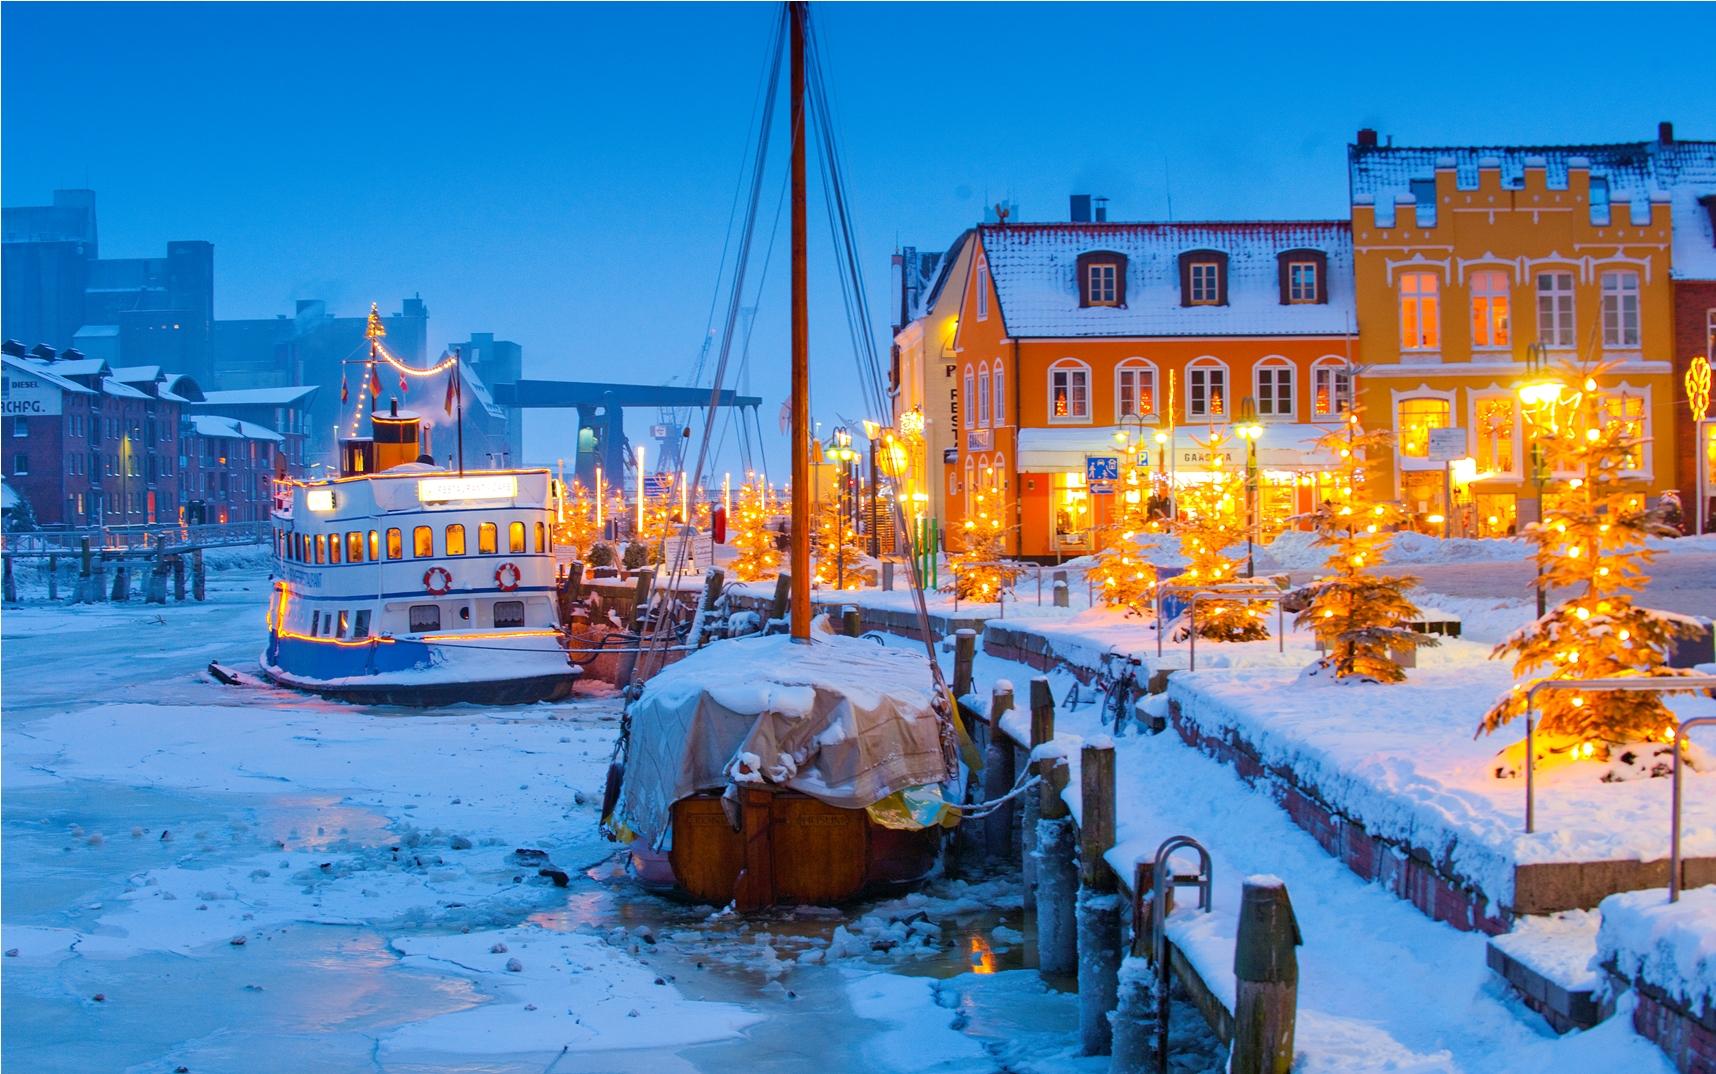 husumer weihnachtsmarkt 2012 tourismus und stadtmarketing. Black Bedroom Furniture Sets. Home Design Ideas